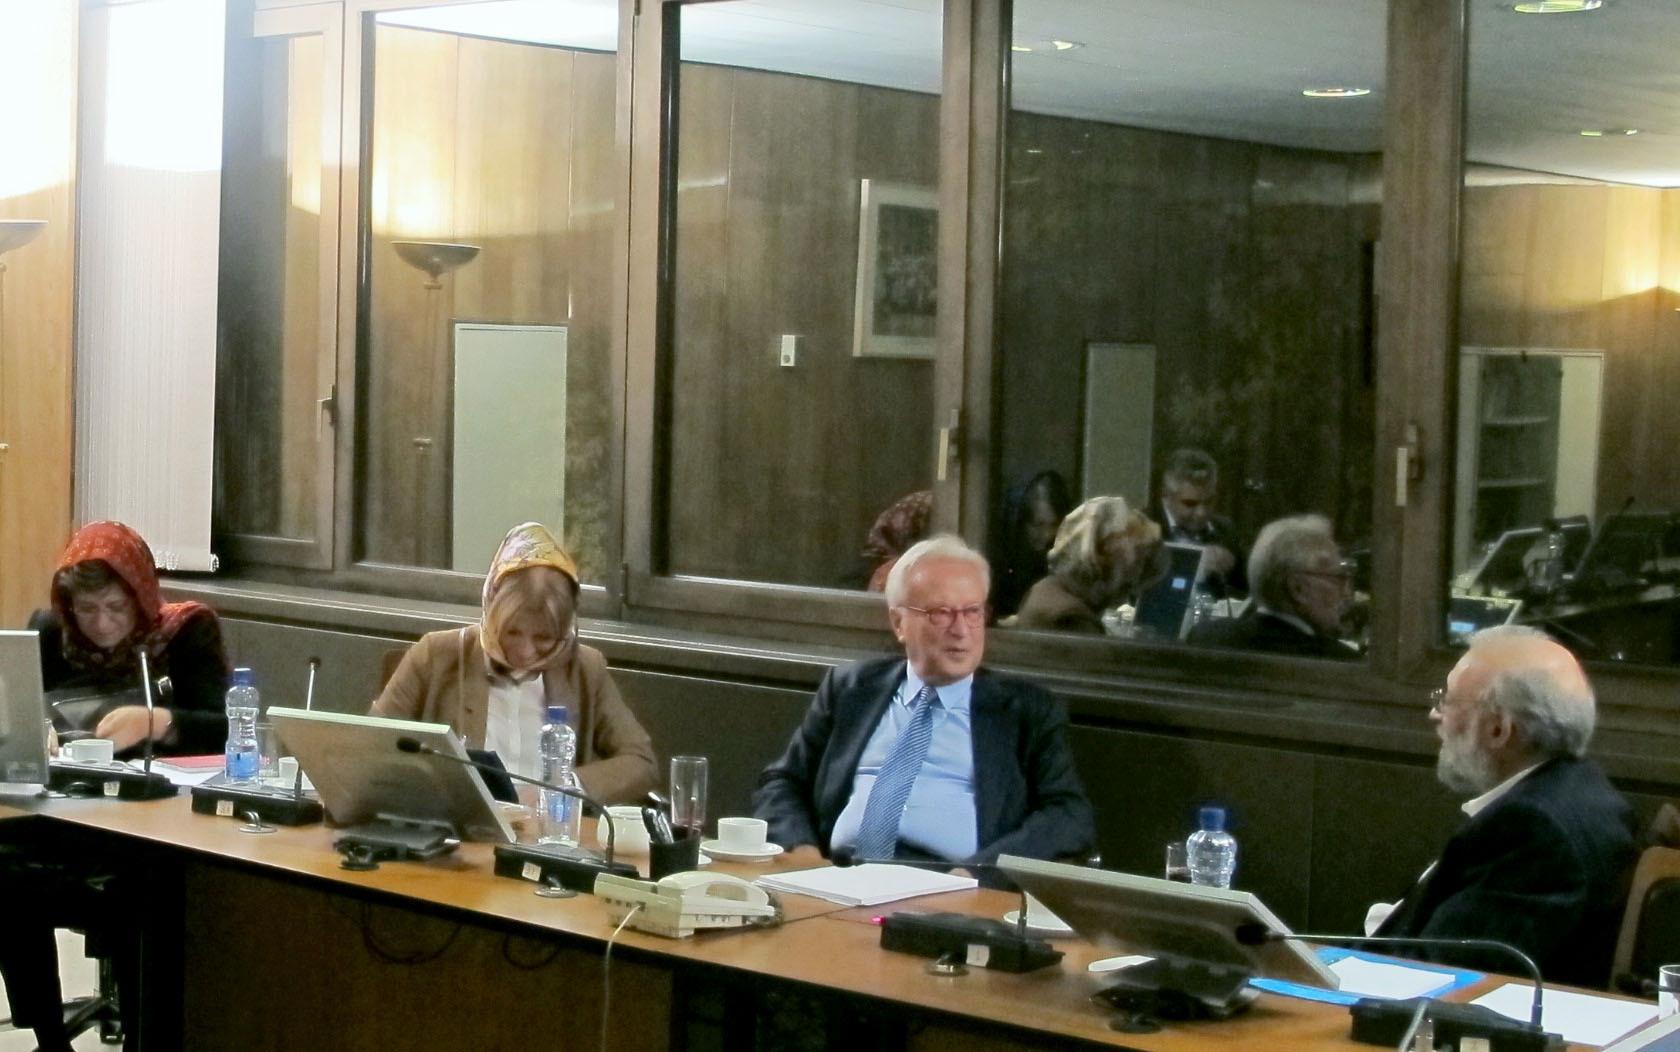 هیأت اروپایی در دیدار با جواد لاریجانی: تغییرات و پیشرفتهای ایران تبلیغاتی نبود و واقعیت داشت